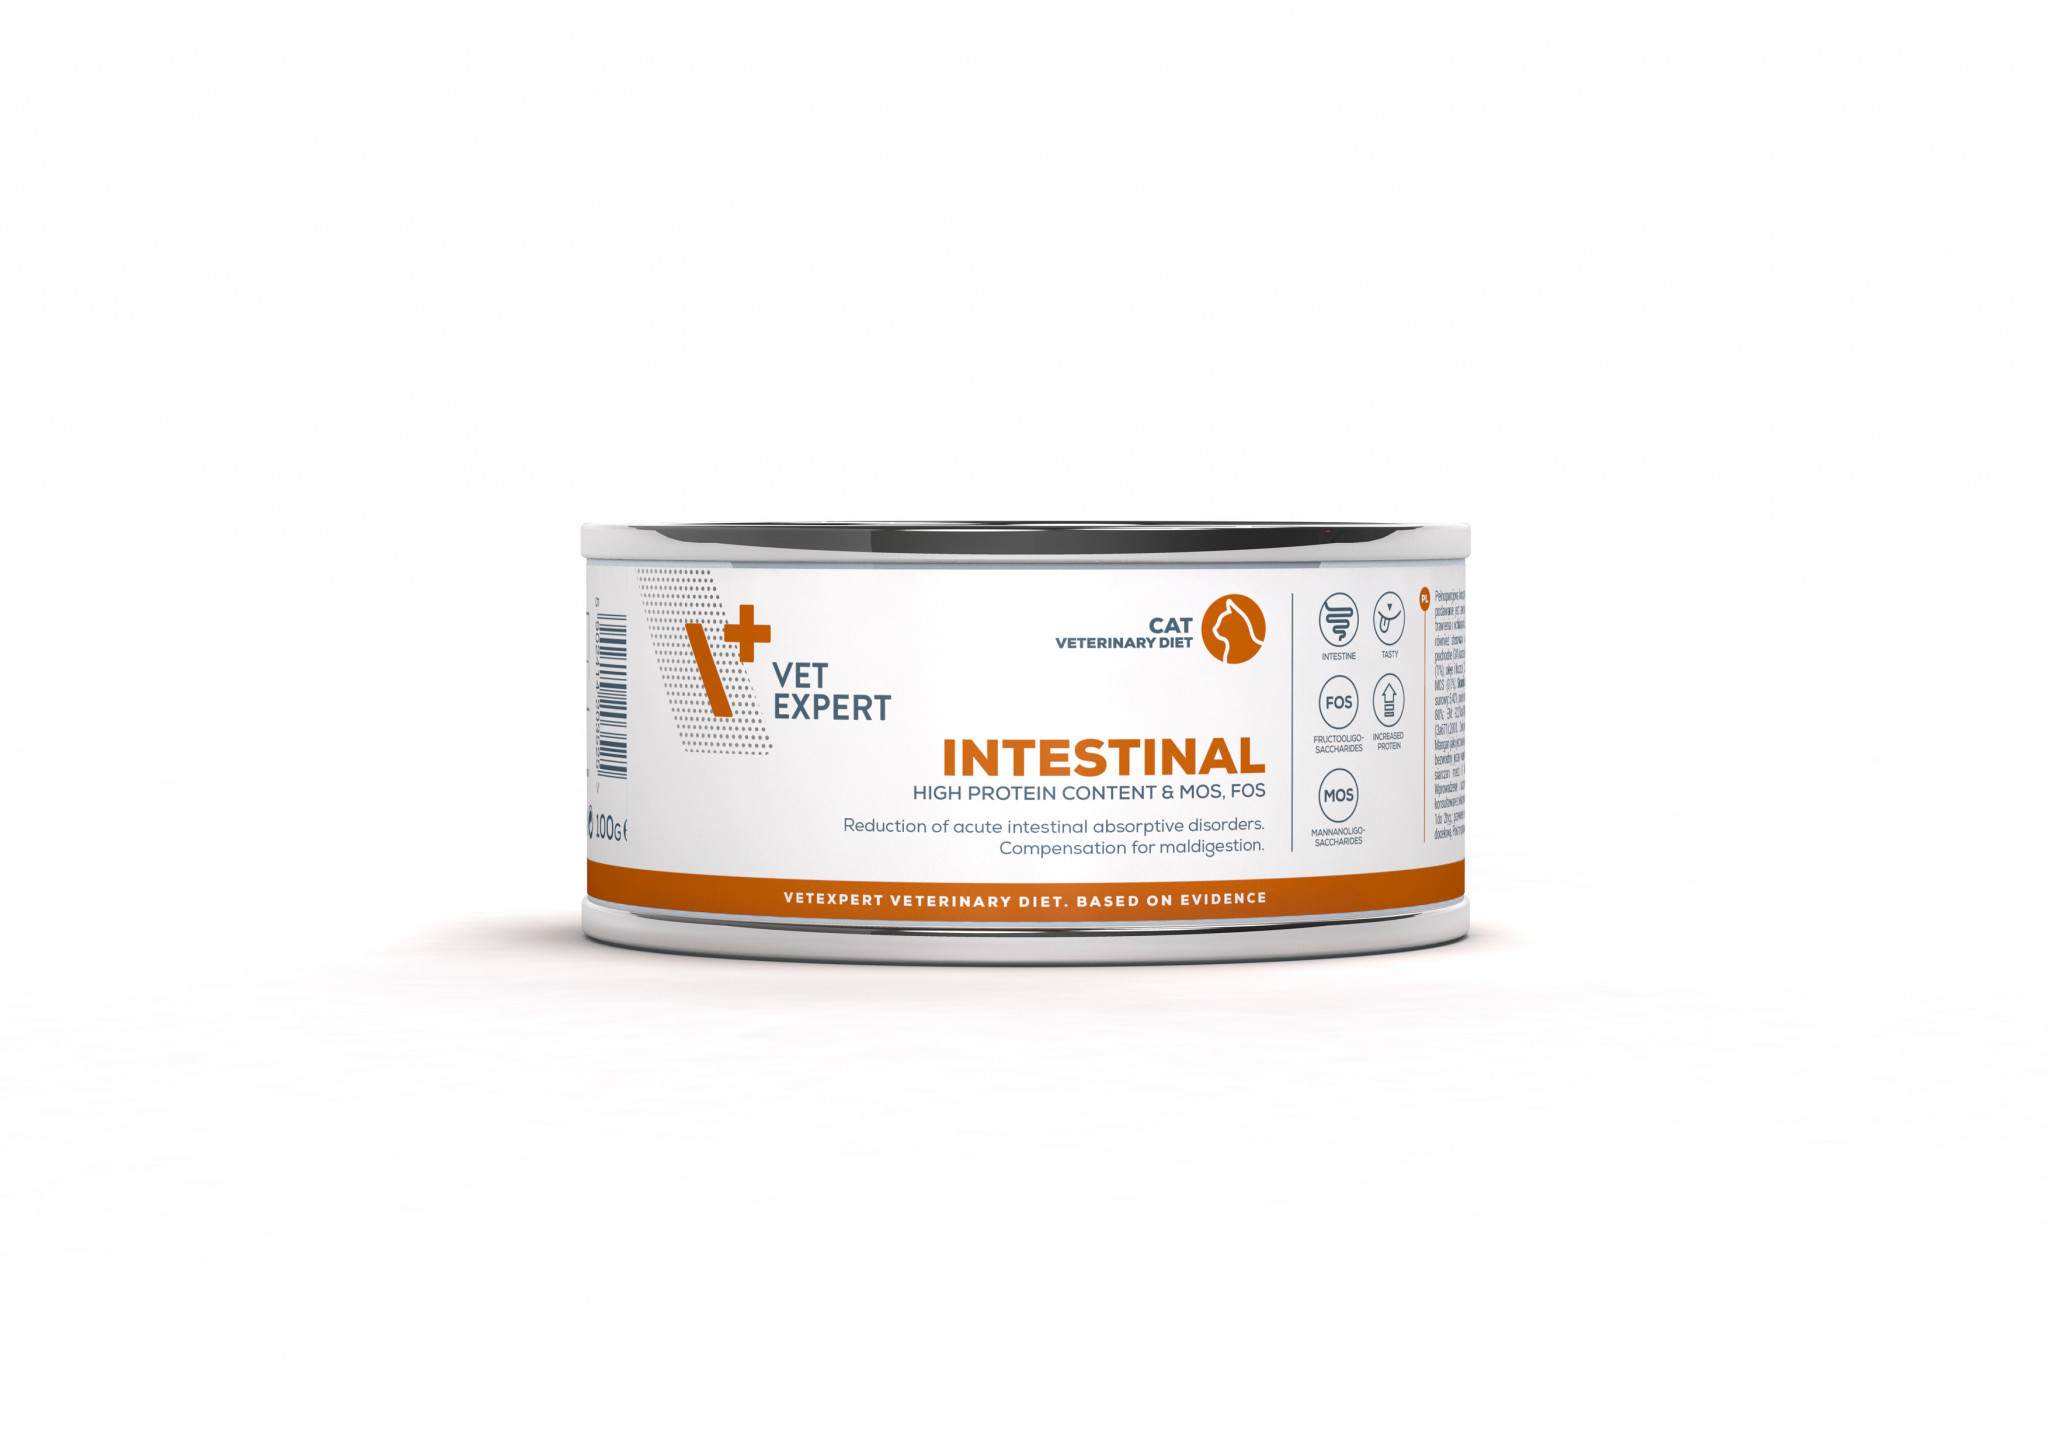 VetExpert 4T Tierärztliche Diät - Intestinal – Premium Tierärztliche Diät für Katzen mit Verdauungsstörungen, Diätfutter, Tierärztliche Diät, Erbrechen und Durchfall, entzündlichen Magen- und Darmerkrankungen, Futtermittelunverträglichkeit, Verdauungsbeschwerden, Magen und Darm Infek, Magenentleerung, Bauchspeicheldrüse, Pankreasfunktion, Gastro Intestinal.